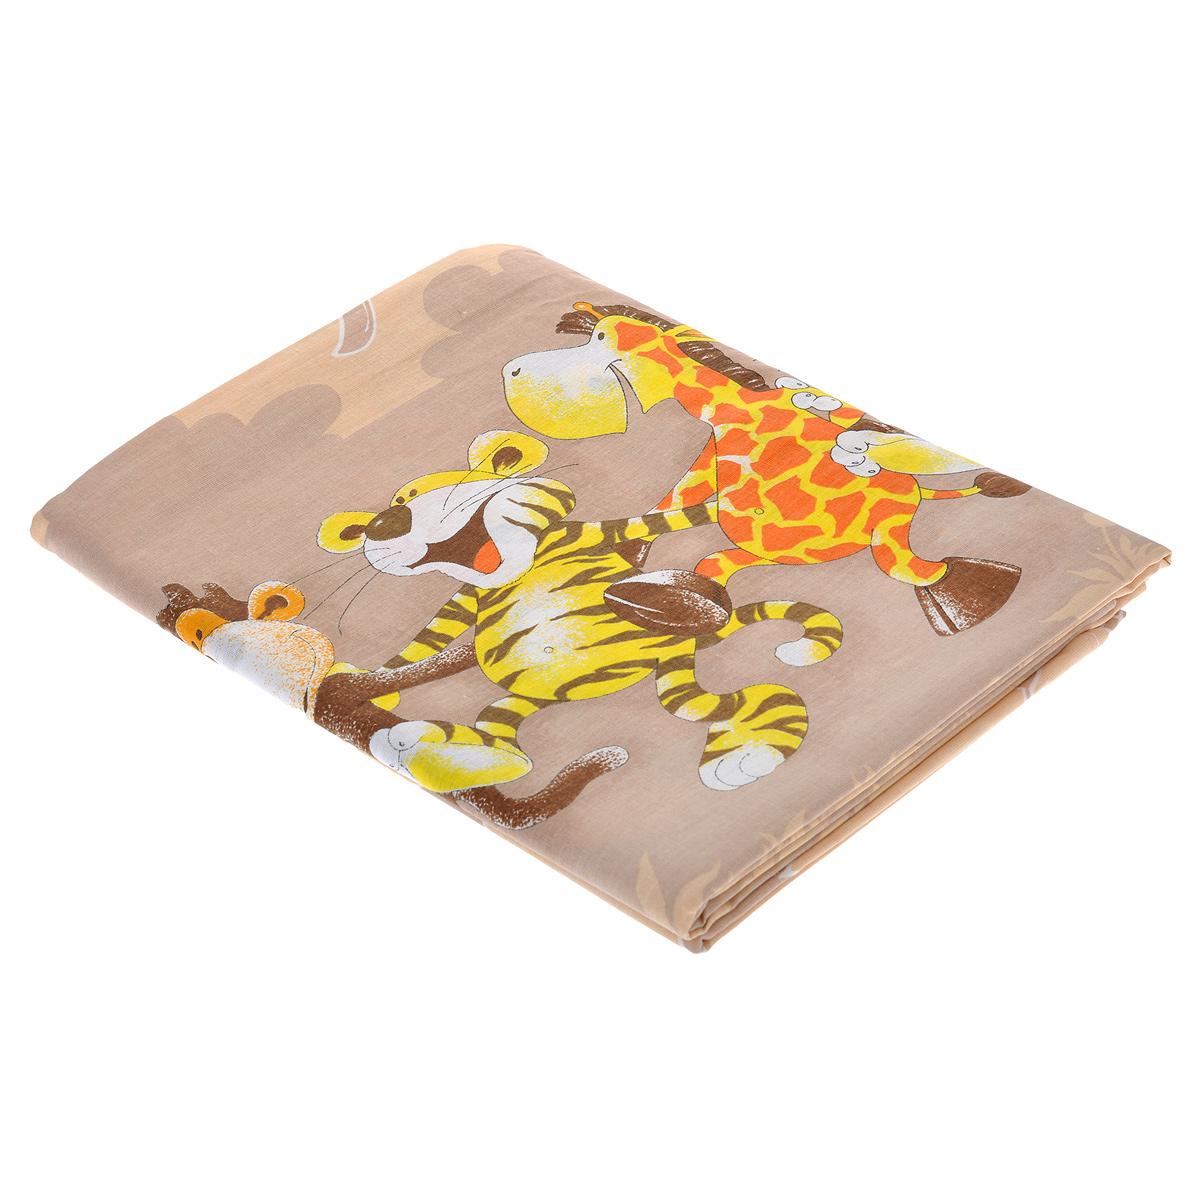 Комплект детского постельного белья Африка, цвет: бежевый, 3 предмета331/4Комплект детского постельного белья Африка, состоящий из наволочки, простыни и пододеяльника, выполнен из натурального хлопка и оформленный авторским рисунком с изображениями веселых танцующих зверят. Хлопок - это натуральный материал, который не раздражает даже самую нежную и чувствительную кожу малыша, не вызывает аллергии и хорошо вентилируется. Такой комплект идеально подойдет для кроватки вашего малыша. На нем ваш кроха будет спать здоровым и крепким сном.